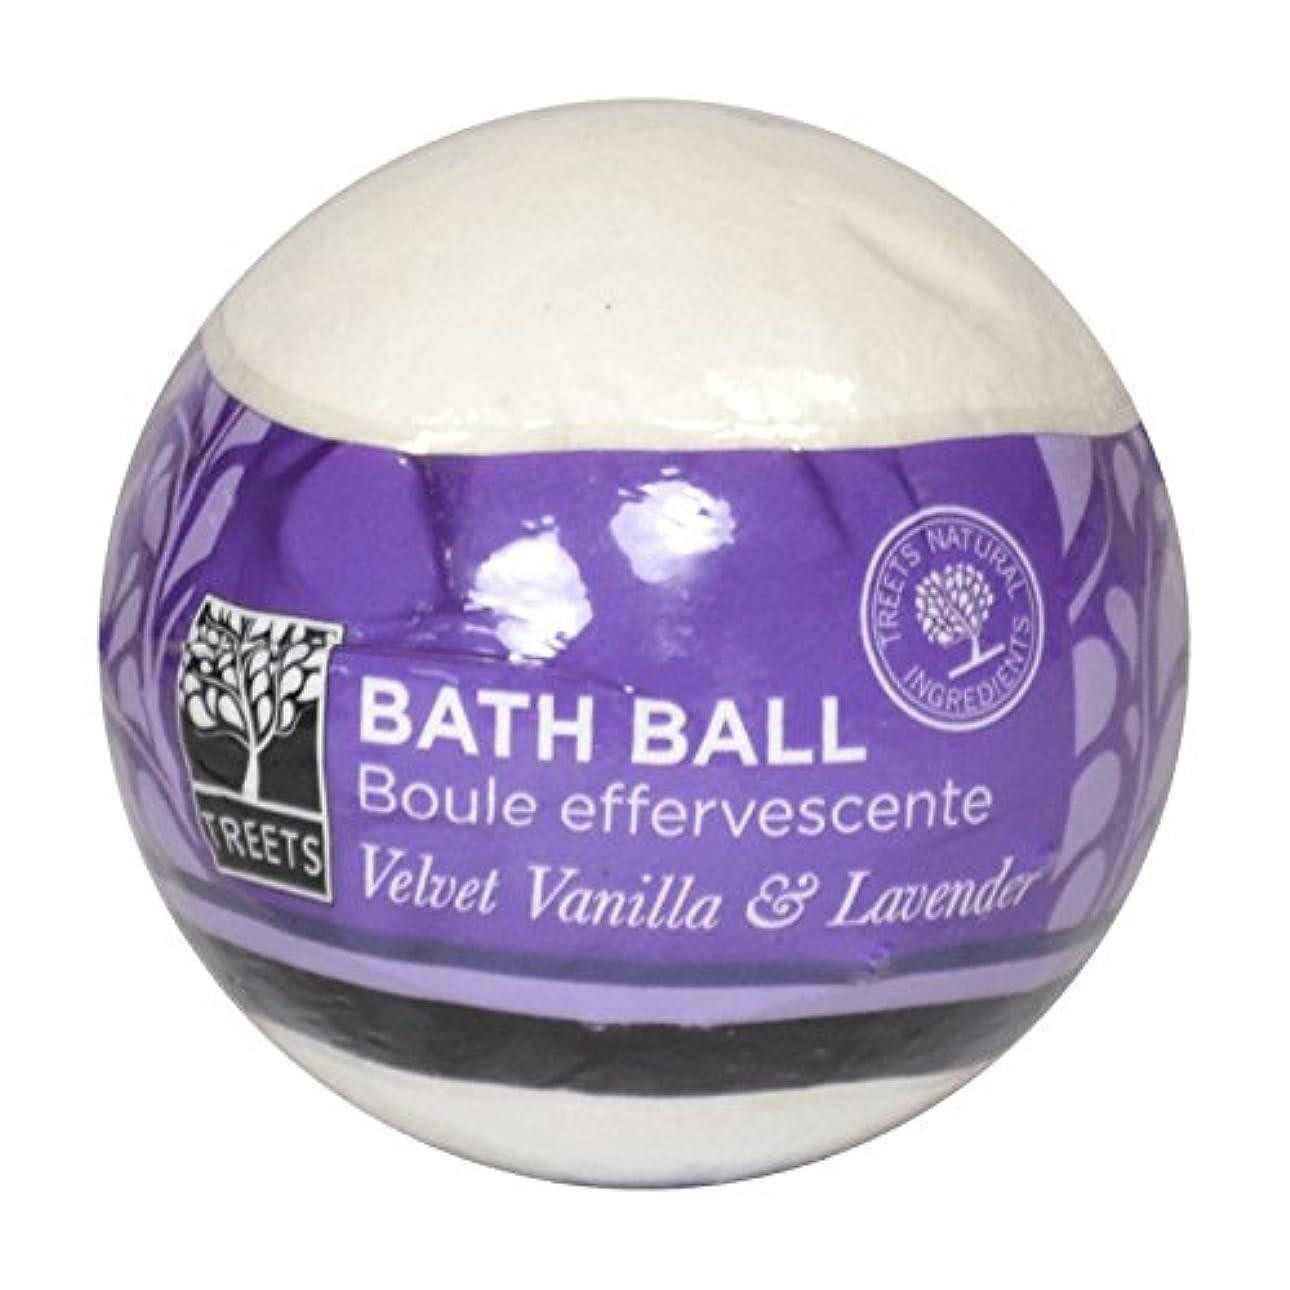 反乱偽装する吹雪Treetsベルベットのバニラ&ラベンダーバスボール - Treets Velvet Vanilla & Lavender Bath Ball (Treets) [並行輸入品]